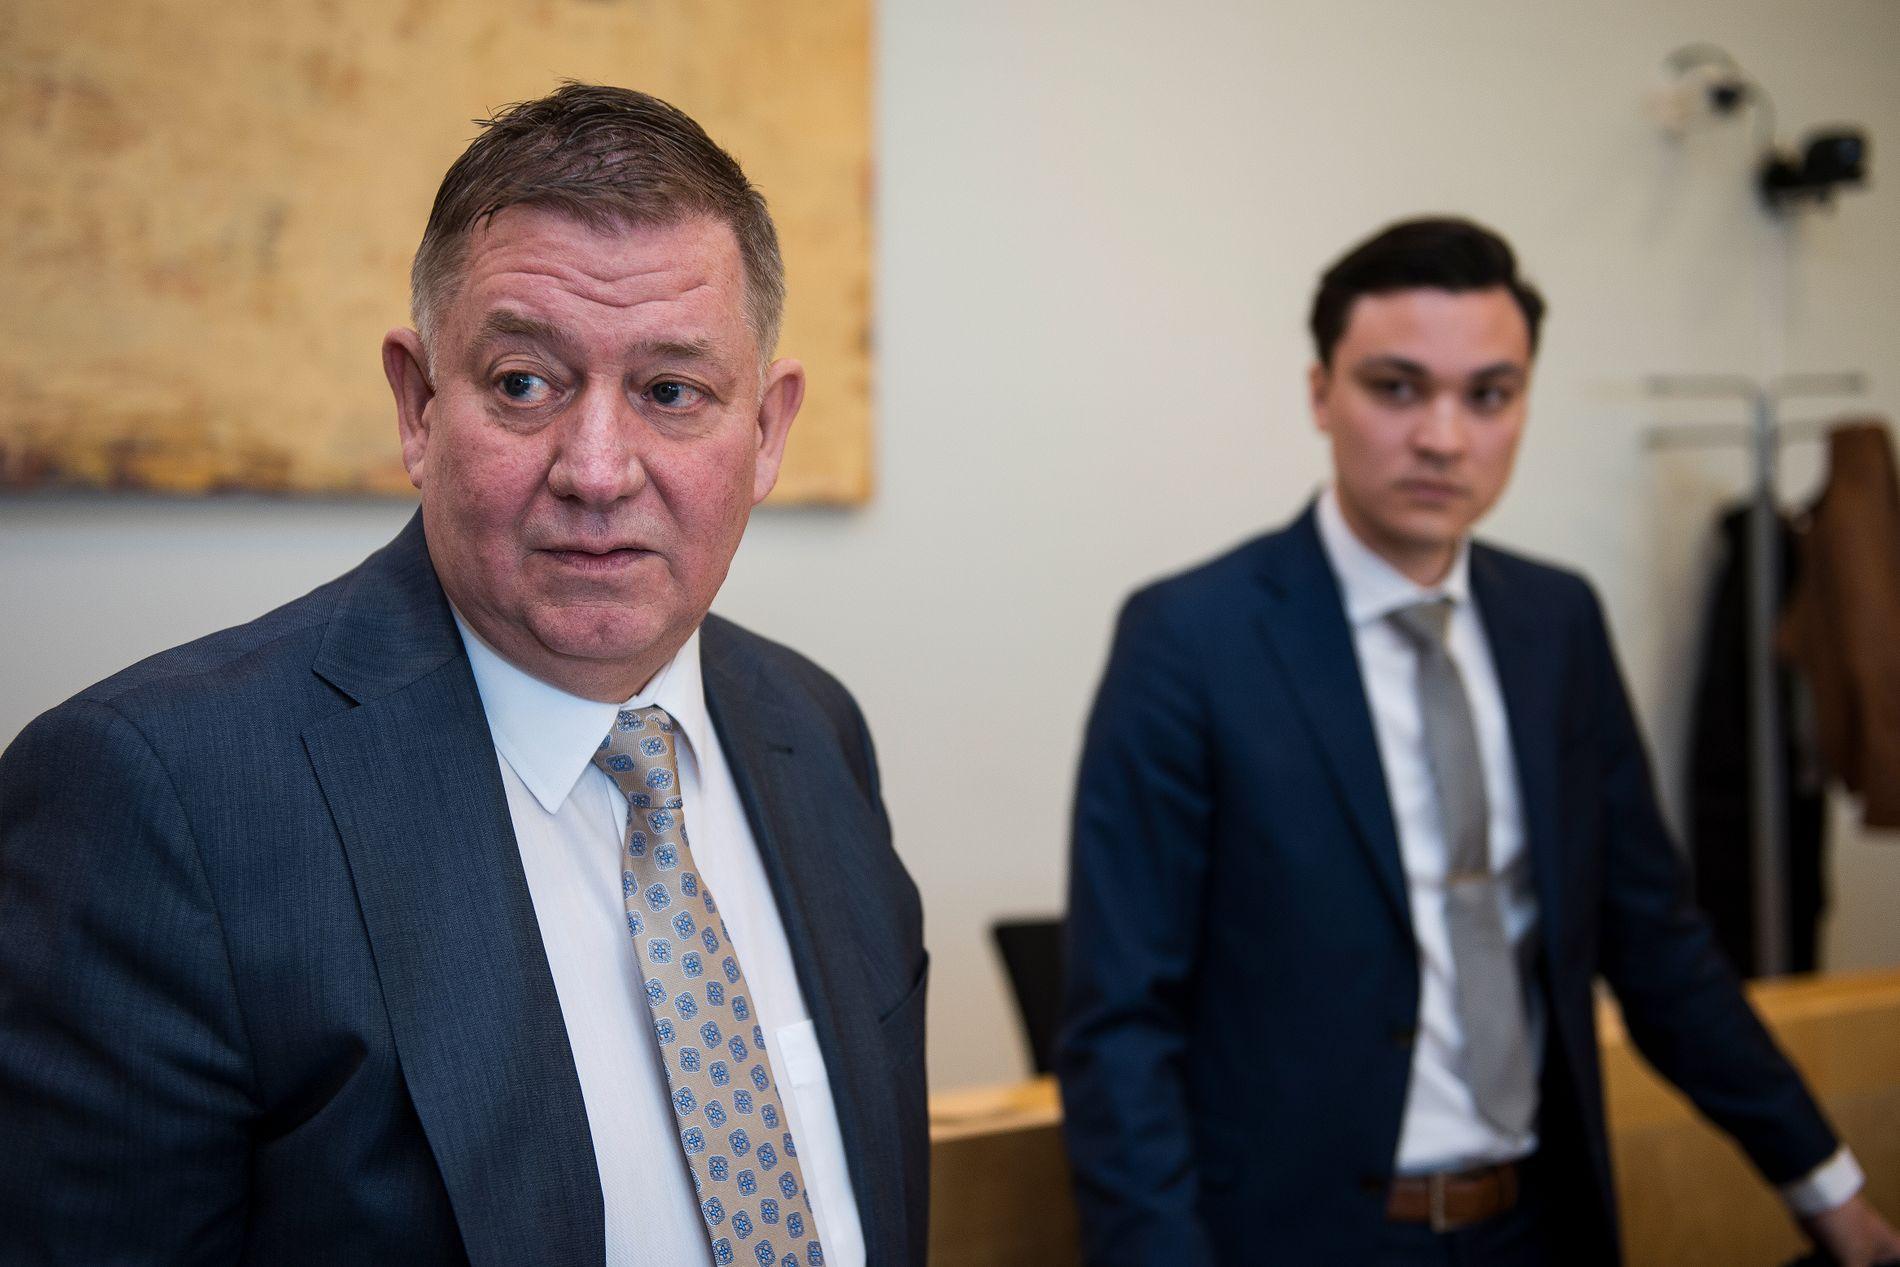 FORSVARERE: Advokatene Tor Inge Borgersen og Aleksander Barkved Steinsvåg representerer den tiltalte 18-åringen.